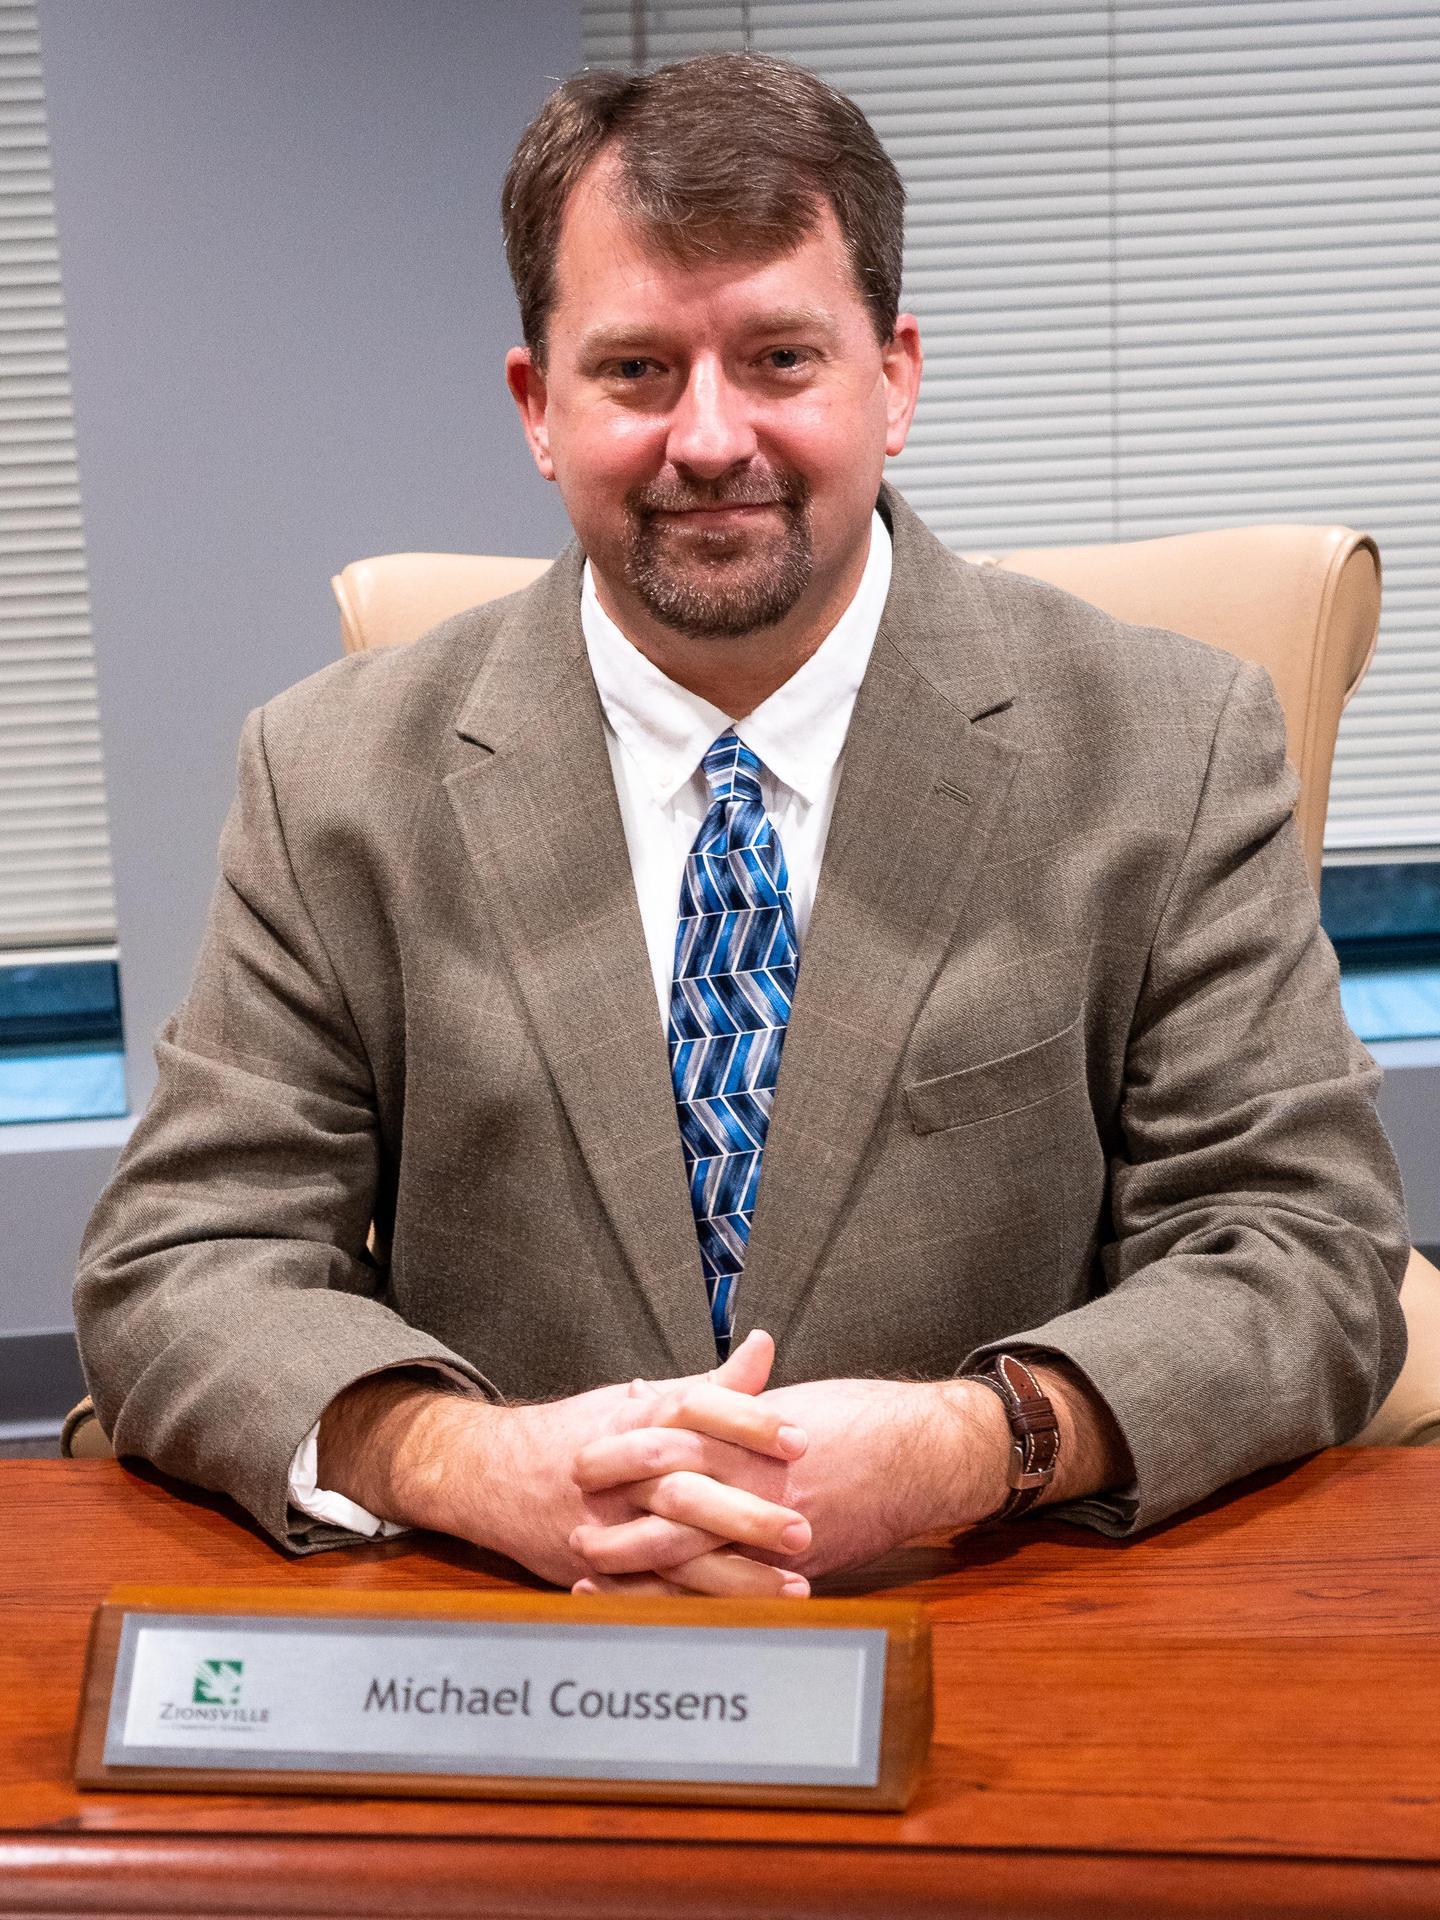 Mr. Michael Coussens